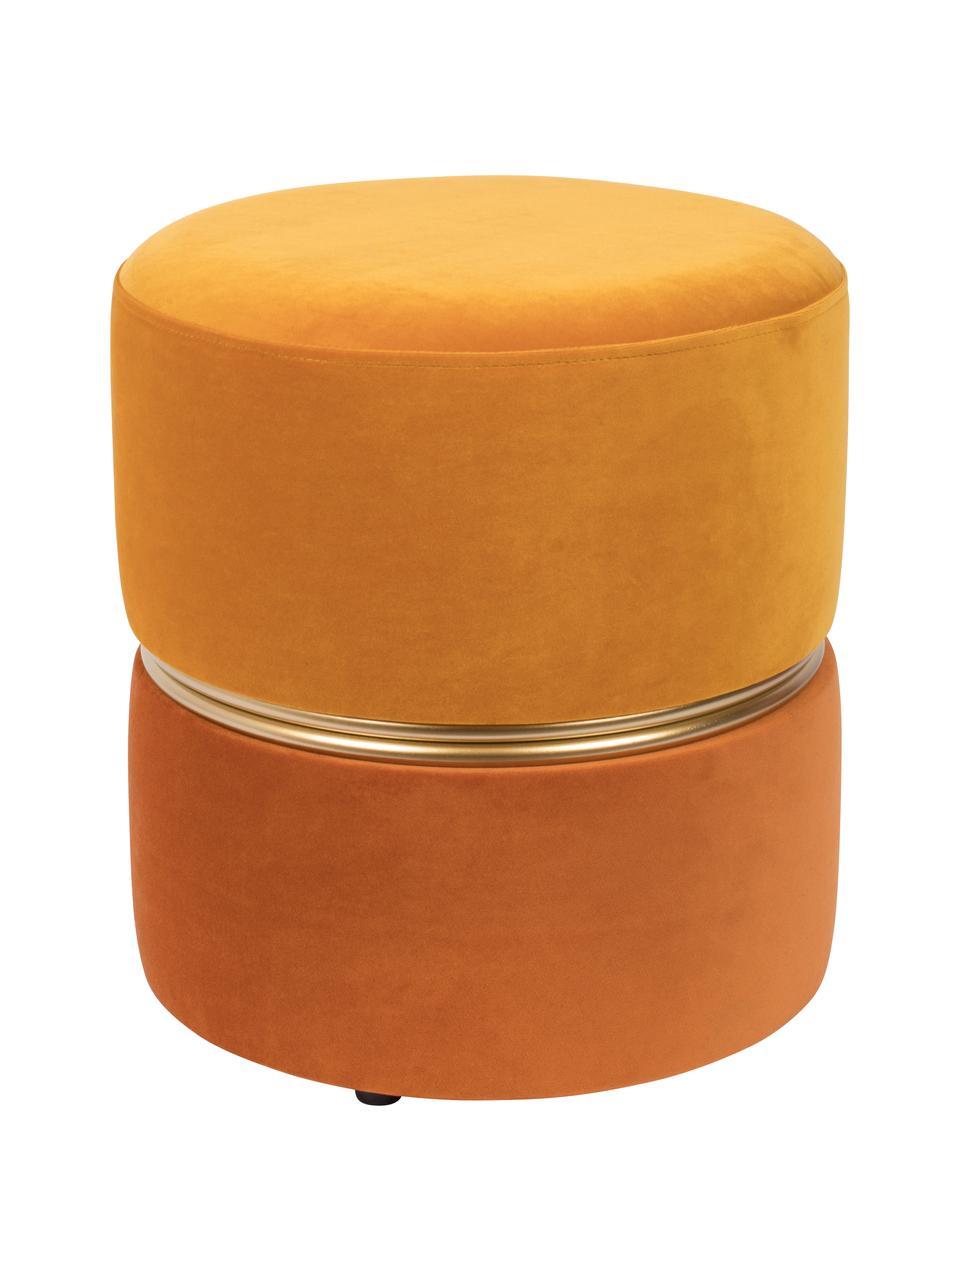 Pouf in velluto Bubbly, Rivestimento: velluto di poliestere 20., Struttura: pannello di fibra a media, Tonalità gialle, Ø 35 x Alt. 39 cm